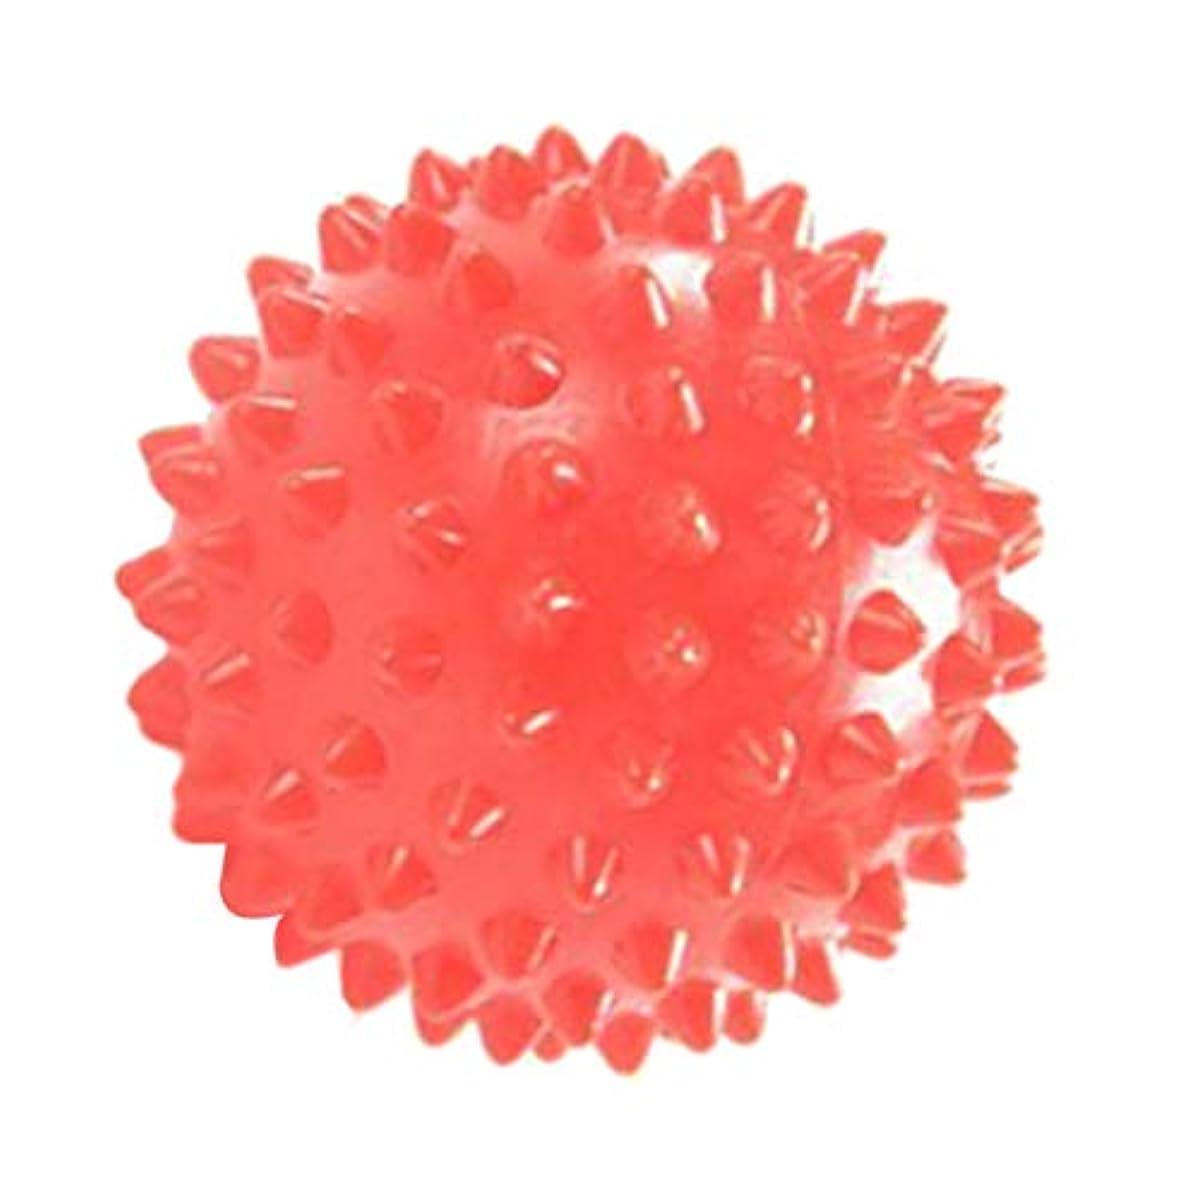 気絶させる経済的計器指圧マッサージボール ローラーボール マッサージローラー トリガーポイント 疲労軽減 痛み緩和